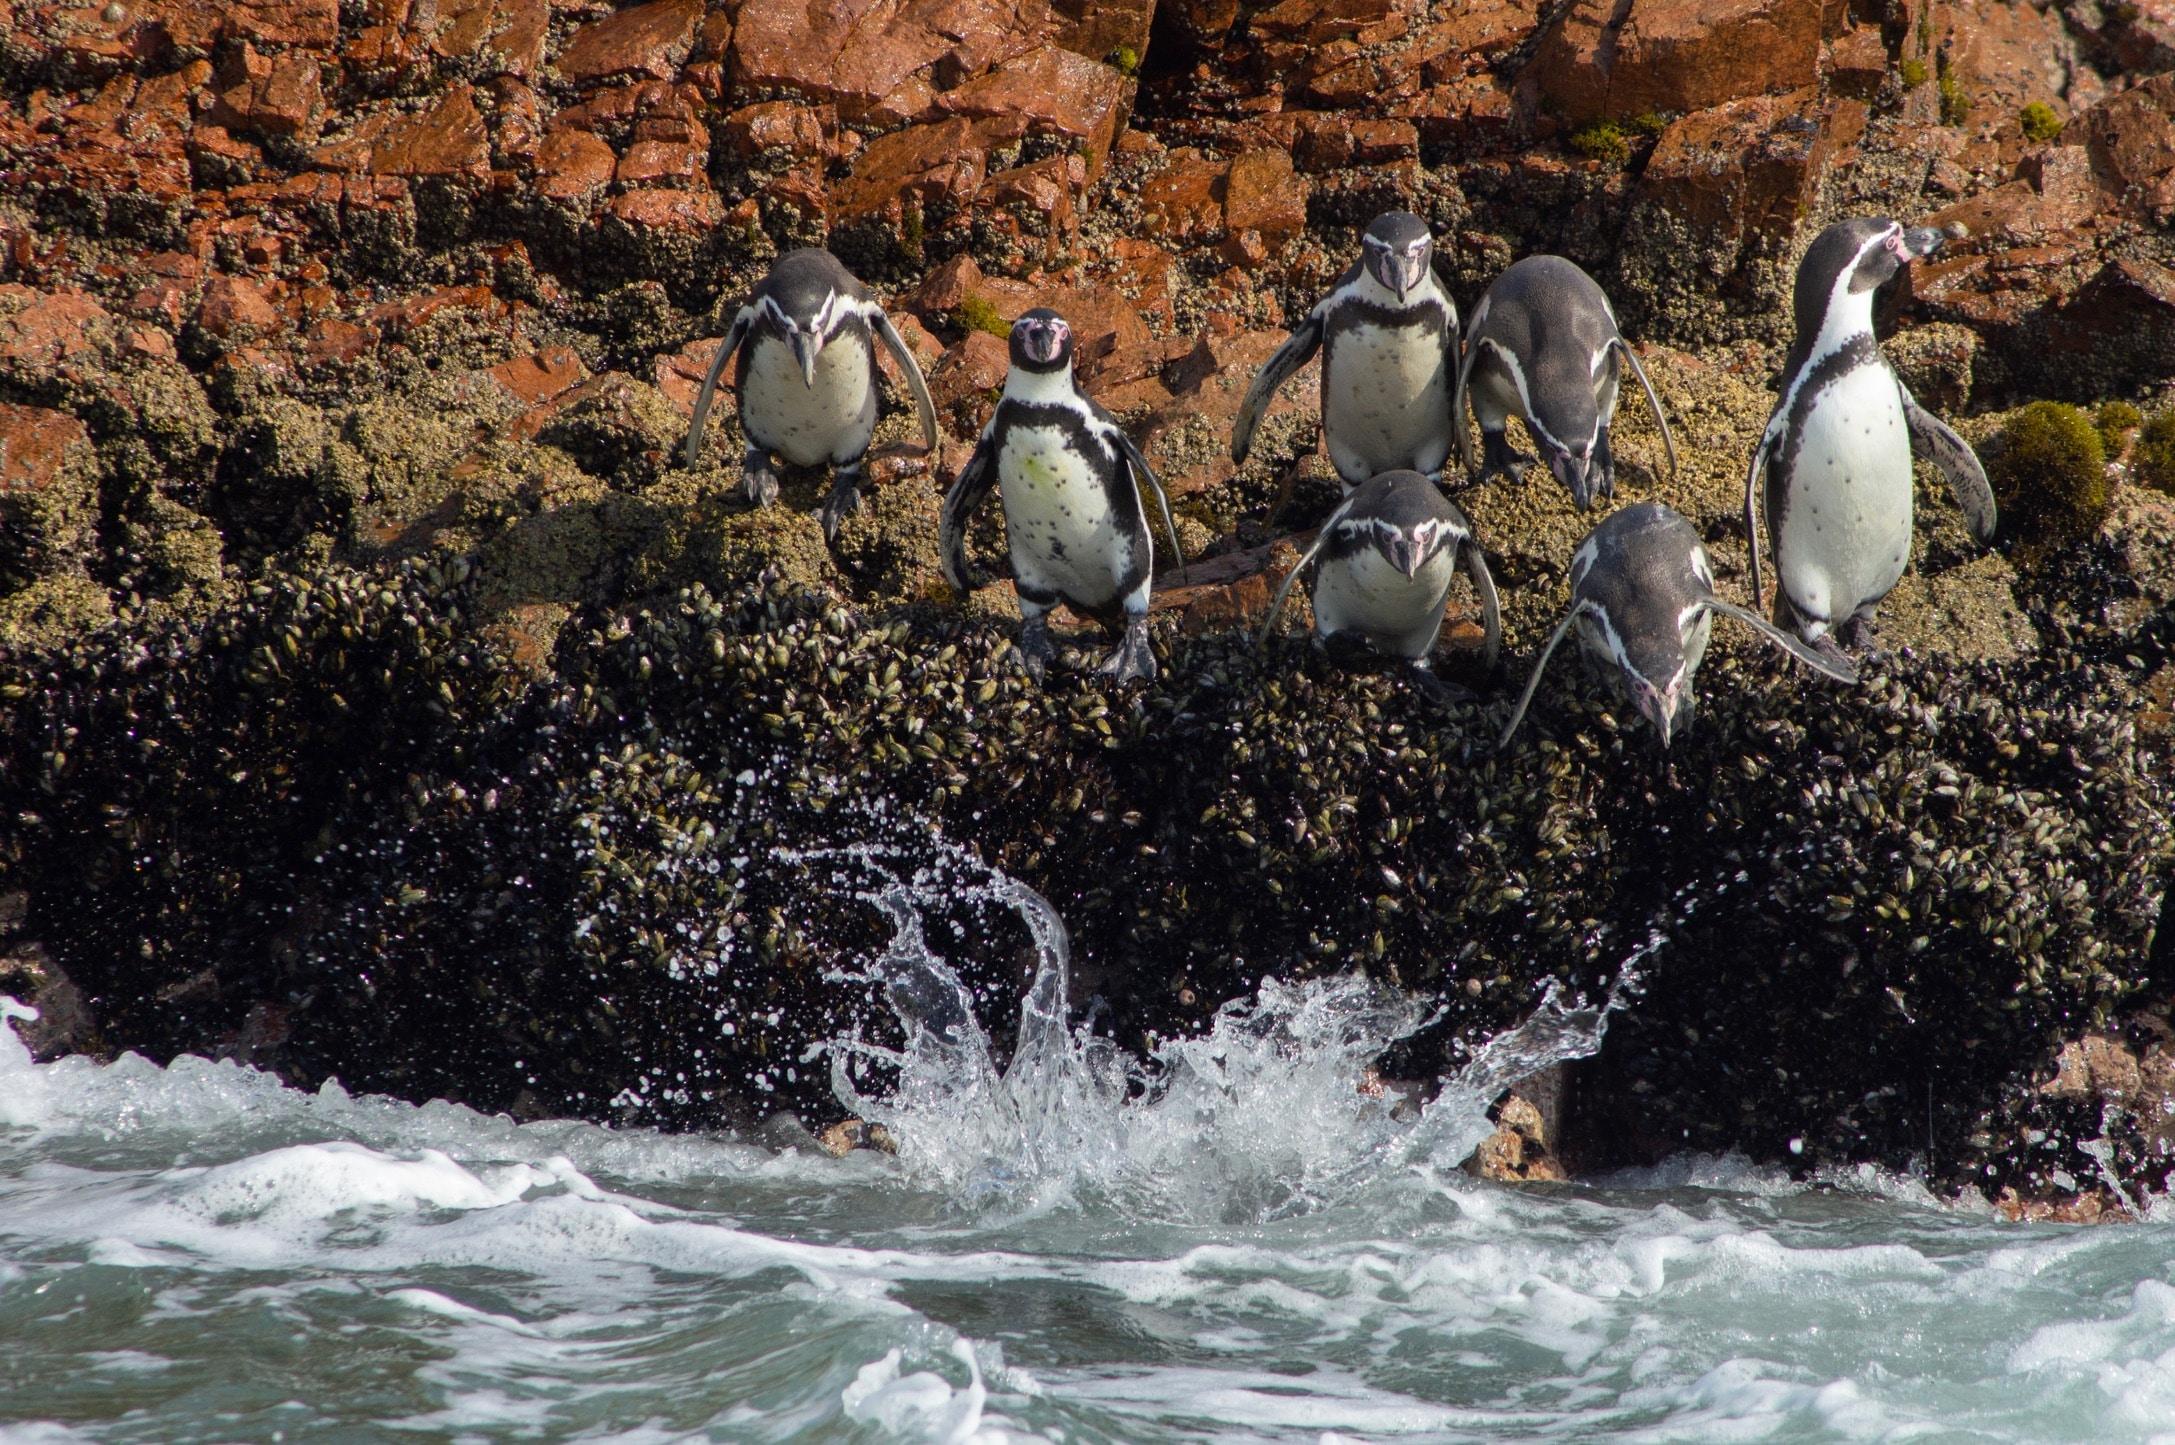 penguin diving in water